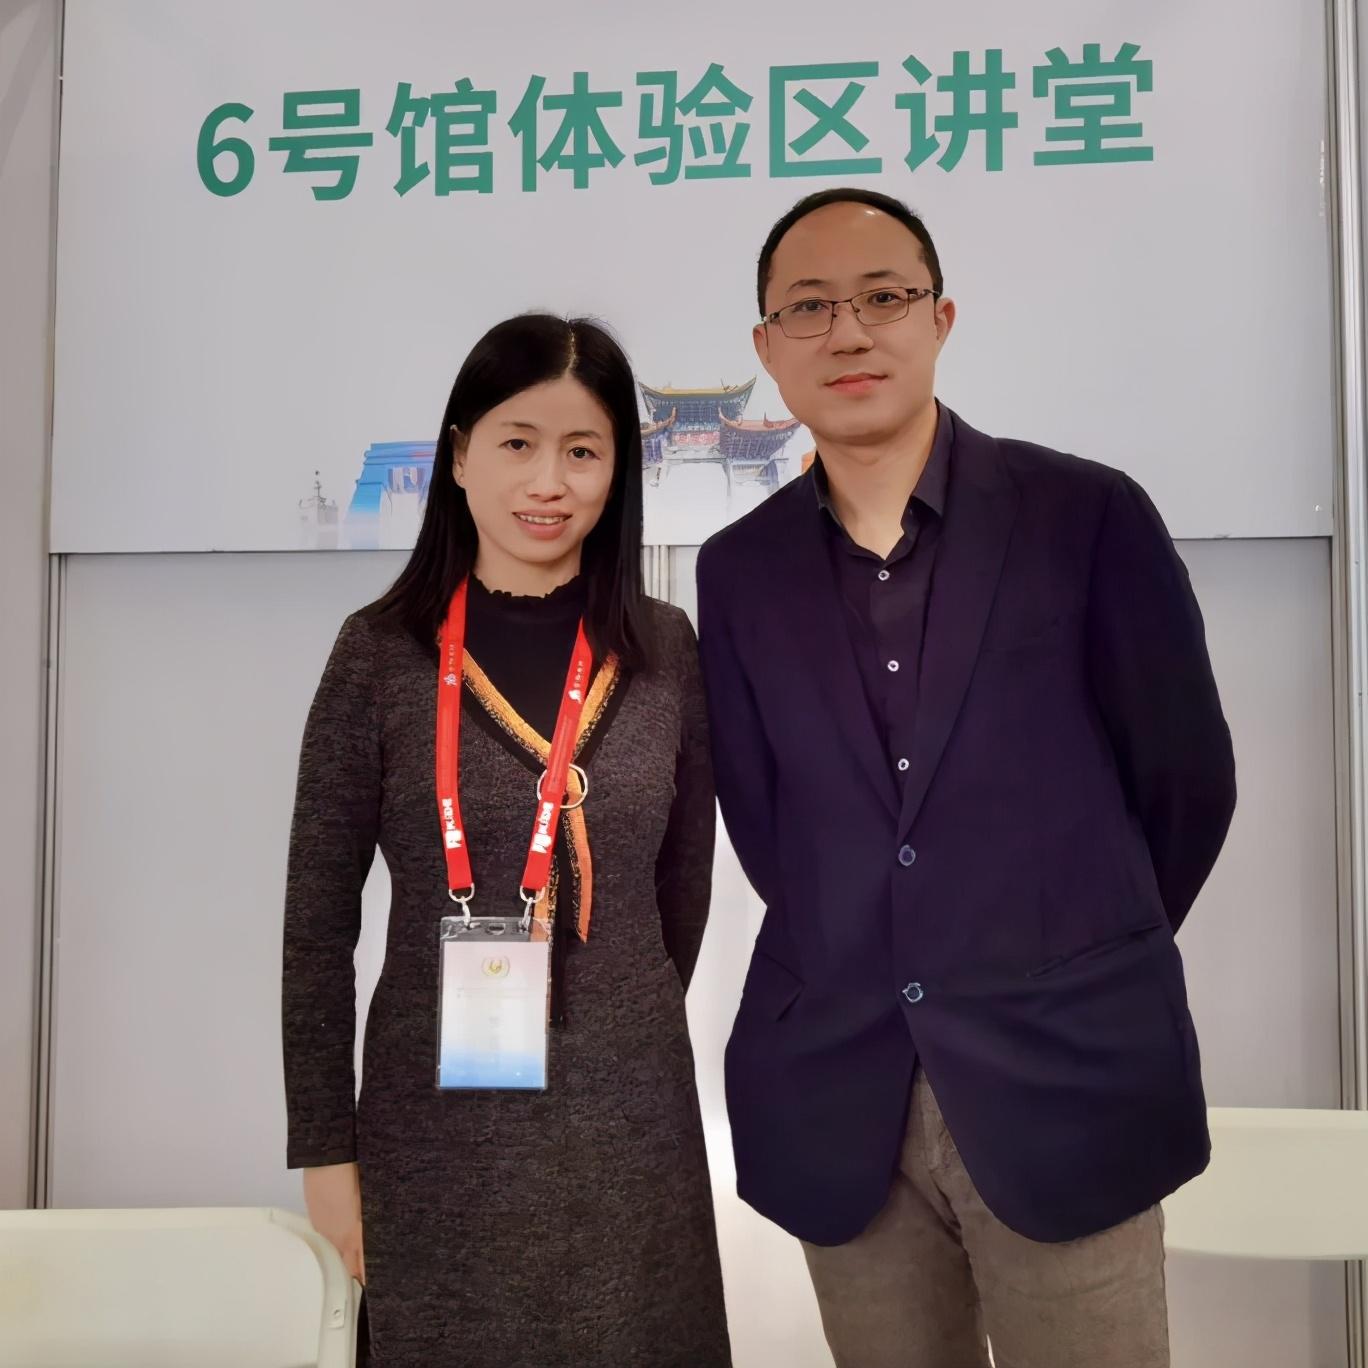 深圳市妇幼保健院口腔病防治中心荣获中国牙防基金会「健康口腔推广基地」称号